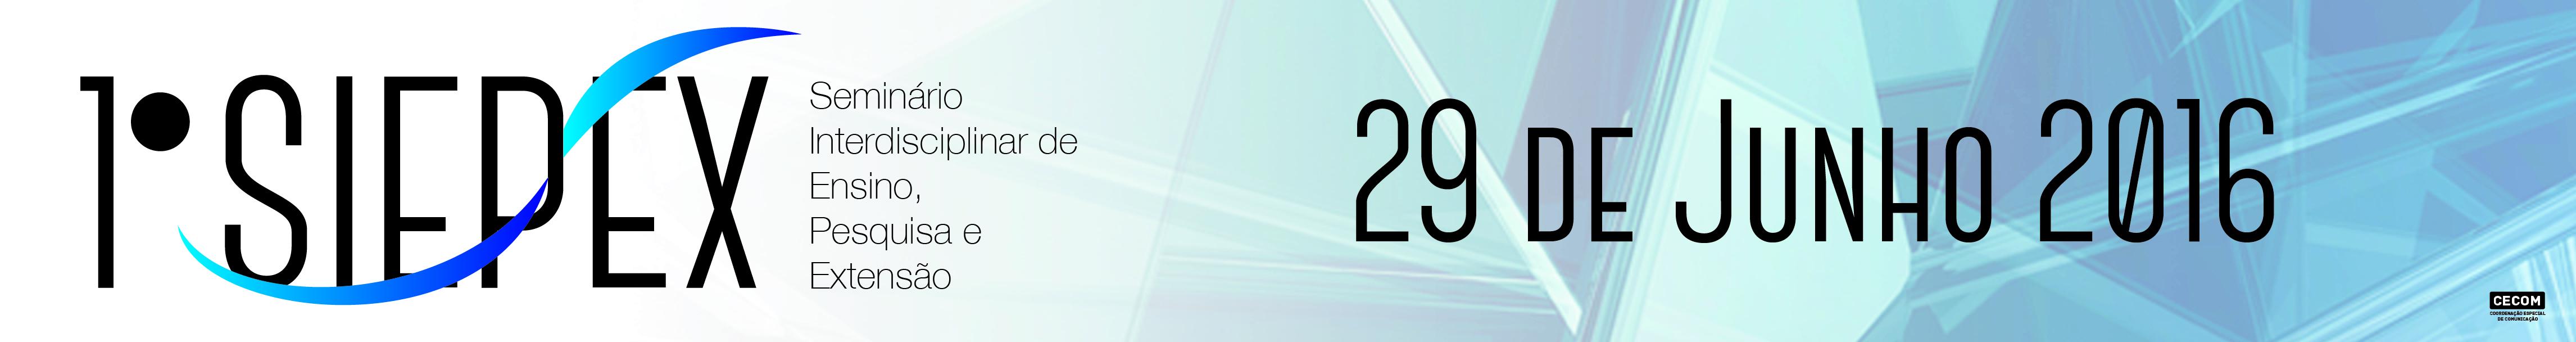 O Instituto Federal Catarinense Campus Videira, apoiado na missão de proporcionar educação profissional atuando em ensino, pesquisa e extensão, realizará o  1º SIEPEX - Seminário Interdisciplinar de Ensino, Pesquisa e Extensão  .  O I SIEPEX tem como objetivo socializar os resultados de trabalhos de ensino, pesquisa e extensão, desenvolvidos por servidores da instituição.   Será realizado no dia 29 de junho de 2016, no auditório do campus Videira, sendo que a ordem das apresentações será definida por meio sorteio, na ocasião do evento.   Mais informações no setor de Estágios e Extensão.